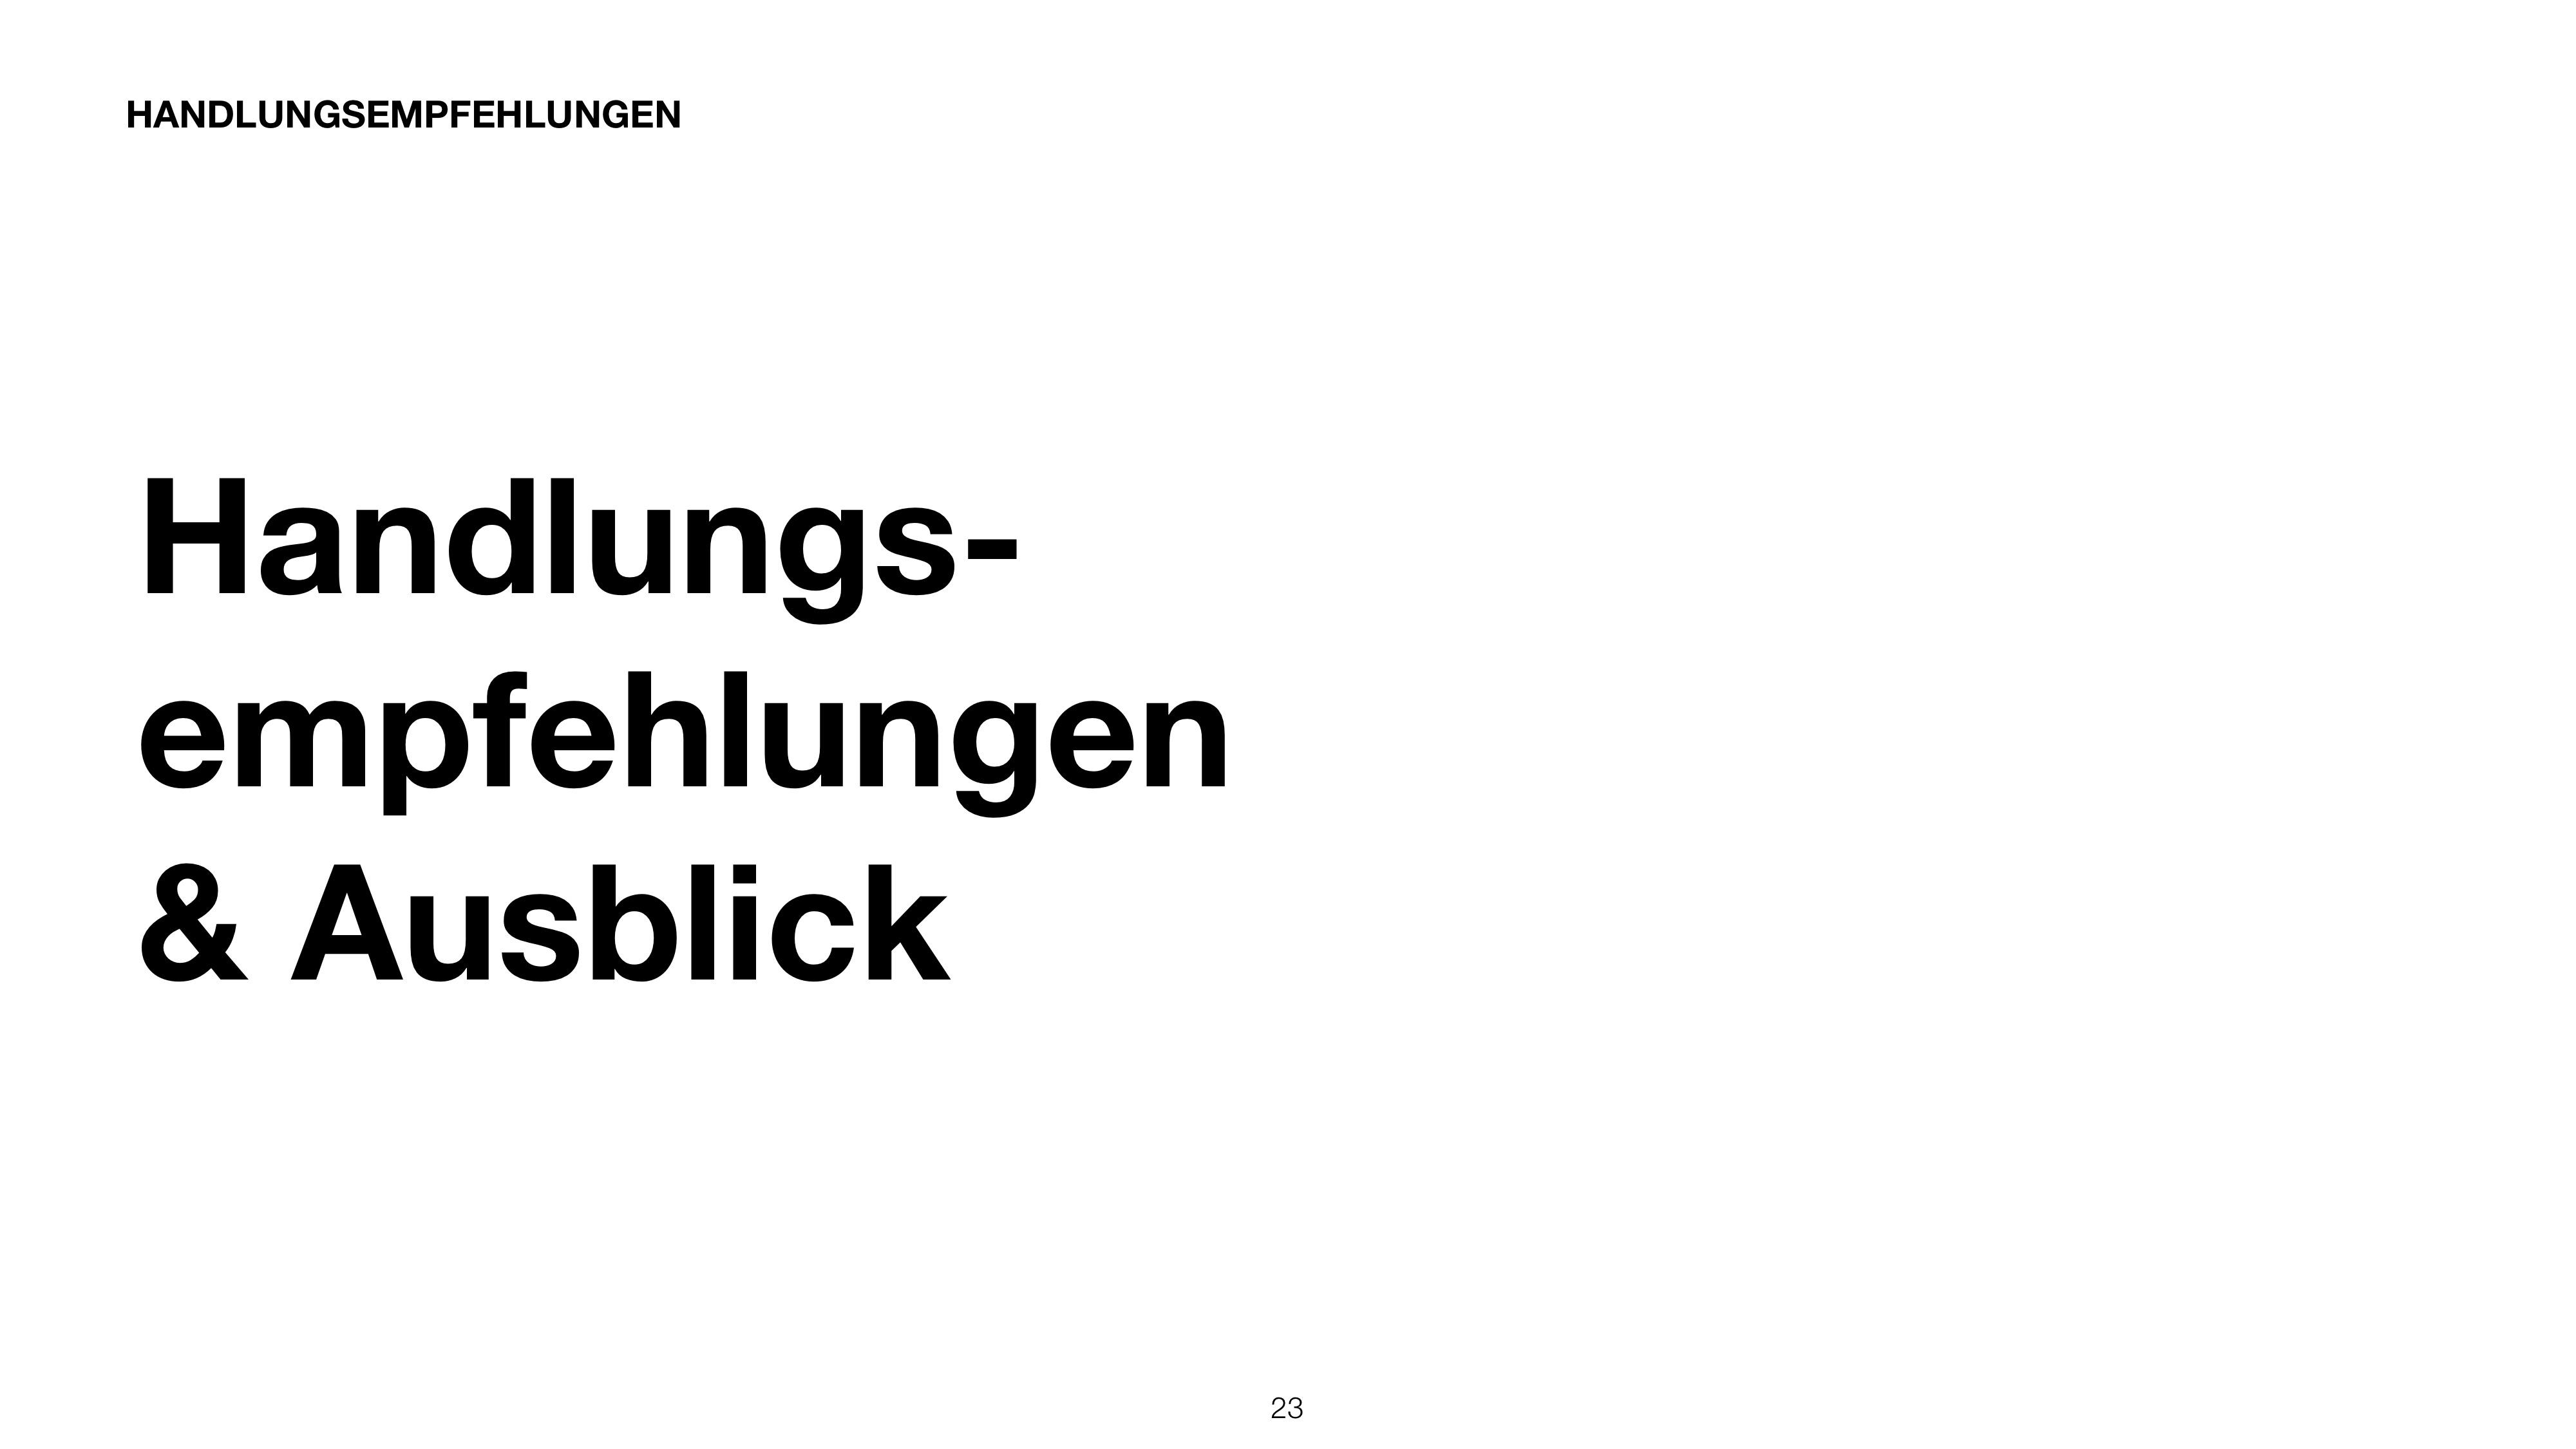 23_Handout_Wachtberger_DIYCITY